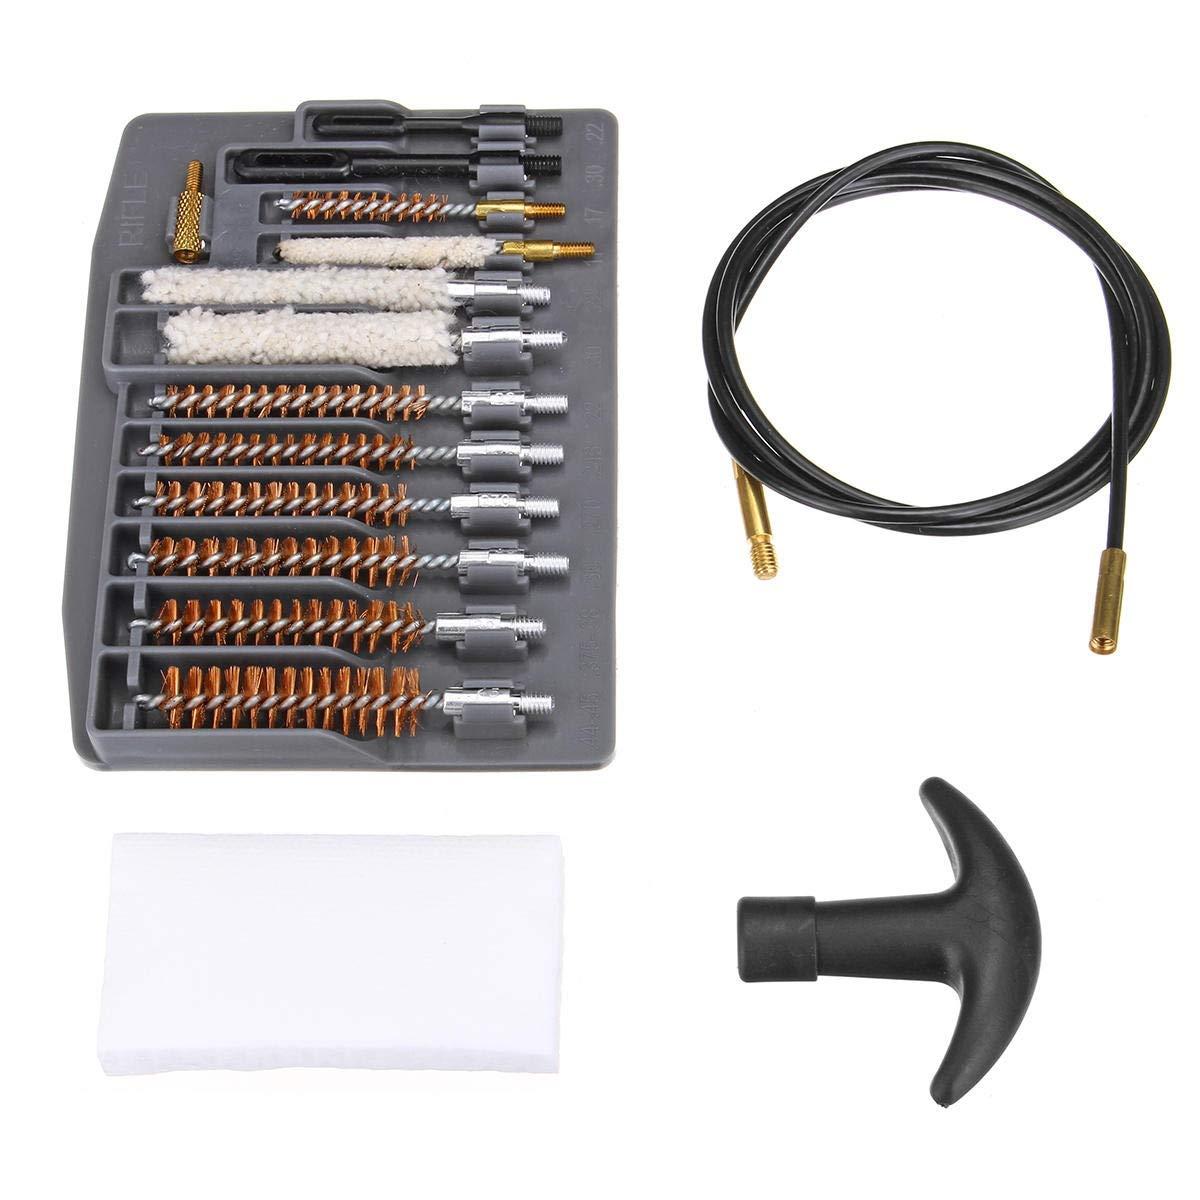 Abrasives 16-in-1-Rohr-Reinigungs-Schleifwerkzeug Universal-Rohrb/ürsten-Reinigungsset f/ür